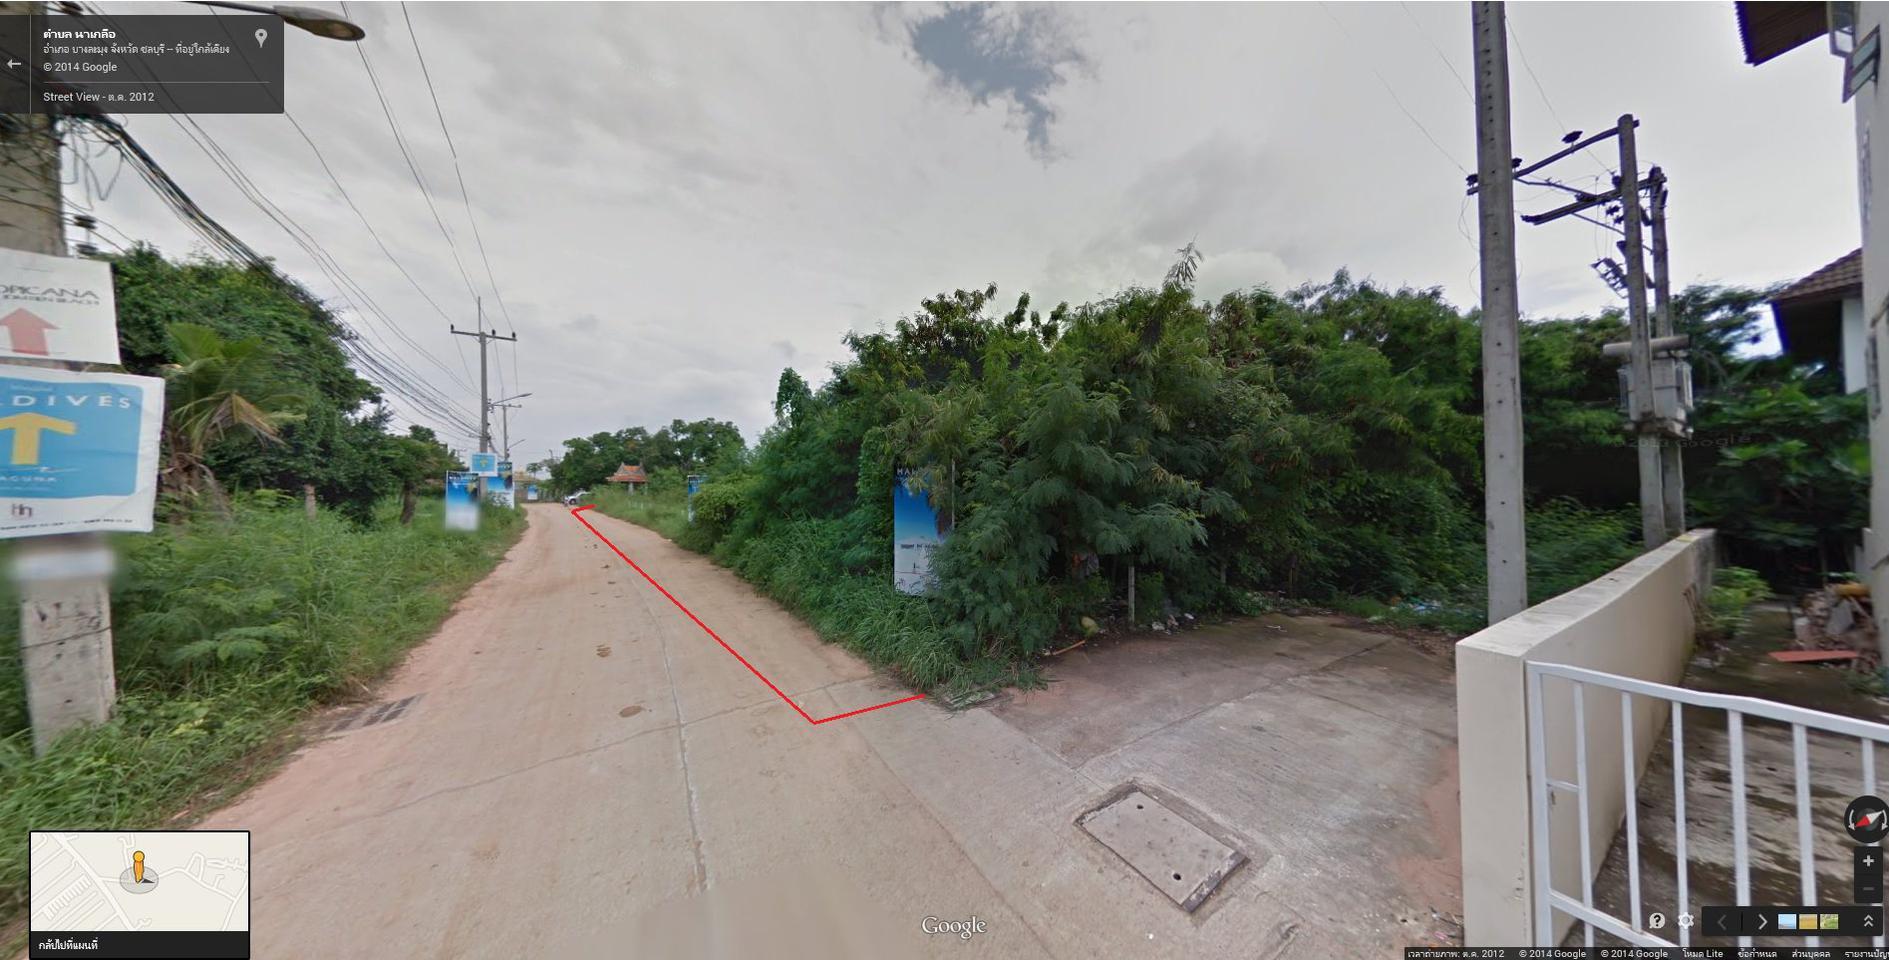 ขายที่ดิน 5 ไร่ 55 ตารางวา หน้ากว้าง 73 เมตร ลึก 121 เมตร ใก้ลหาดพัทยา เหมาะสร้างโรงแรมและดอนโด รูปที่ 2